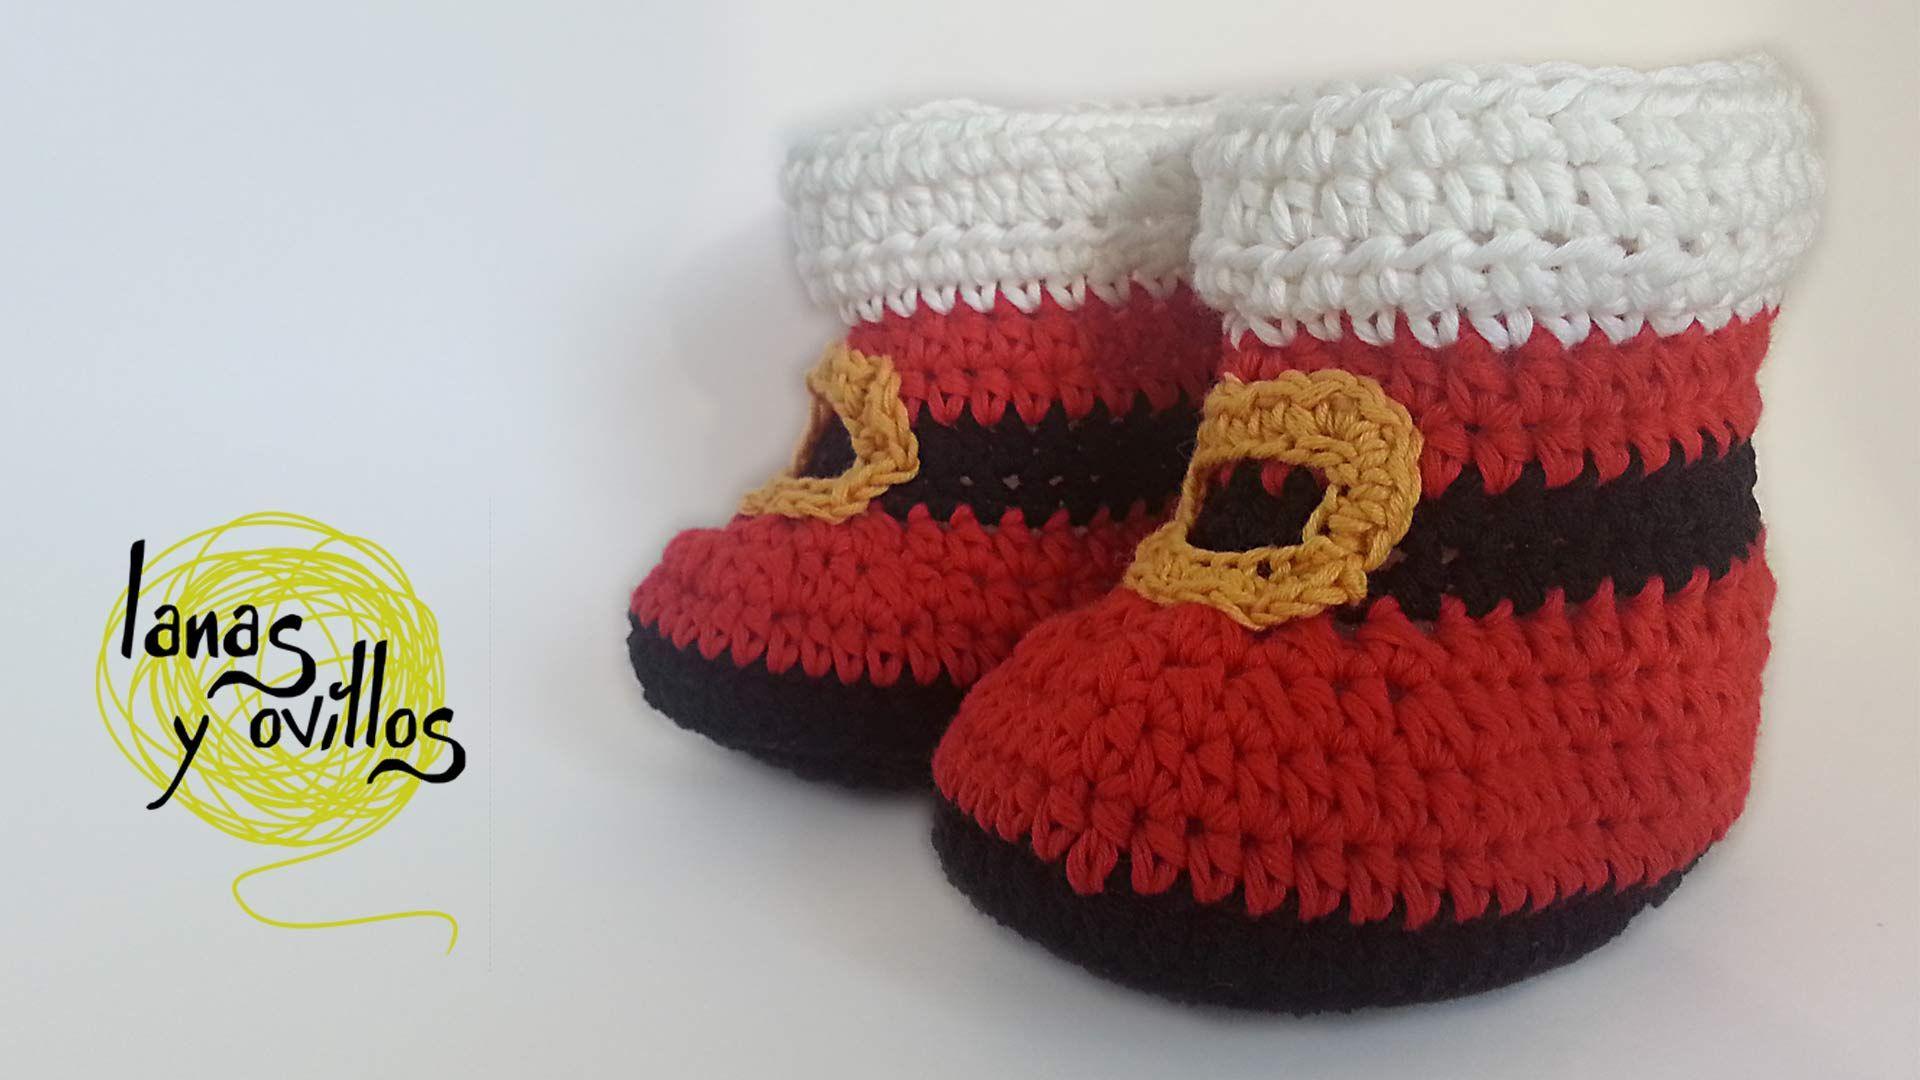 BOTAS BEBE SANTA CLAUS   Lanas y ovillos   Zapatos Bebe Crochet ...